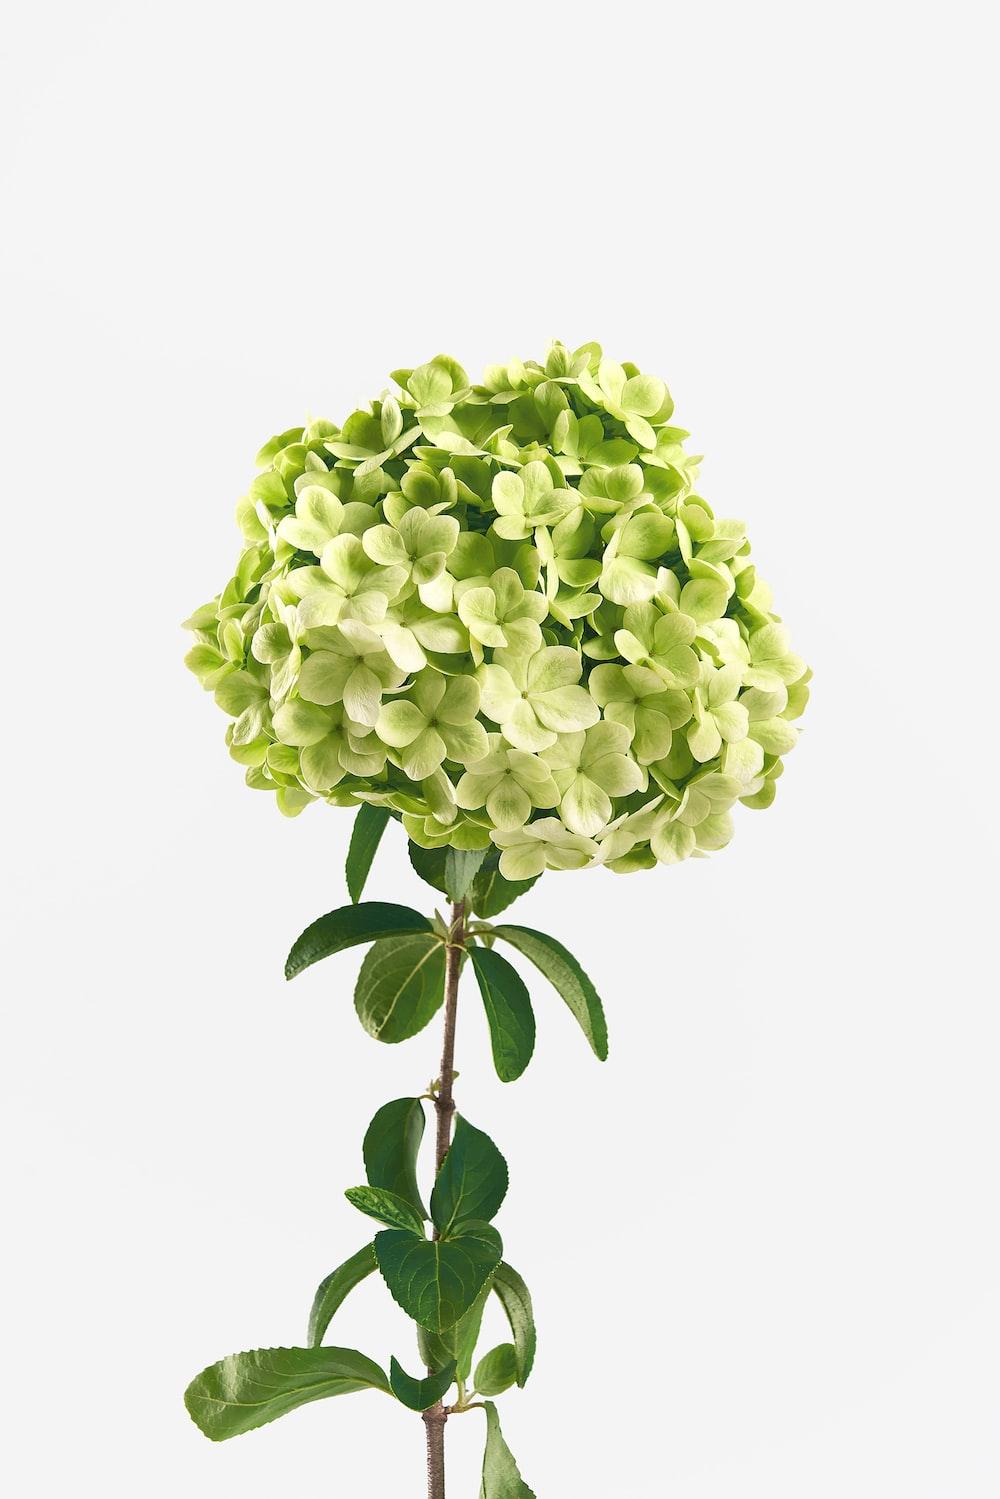 green hydrangea flowers